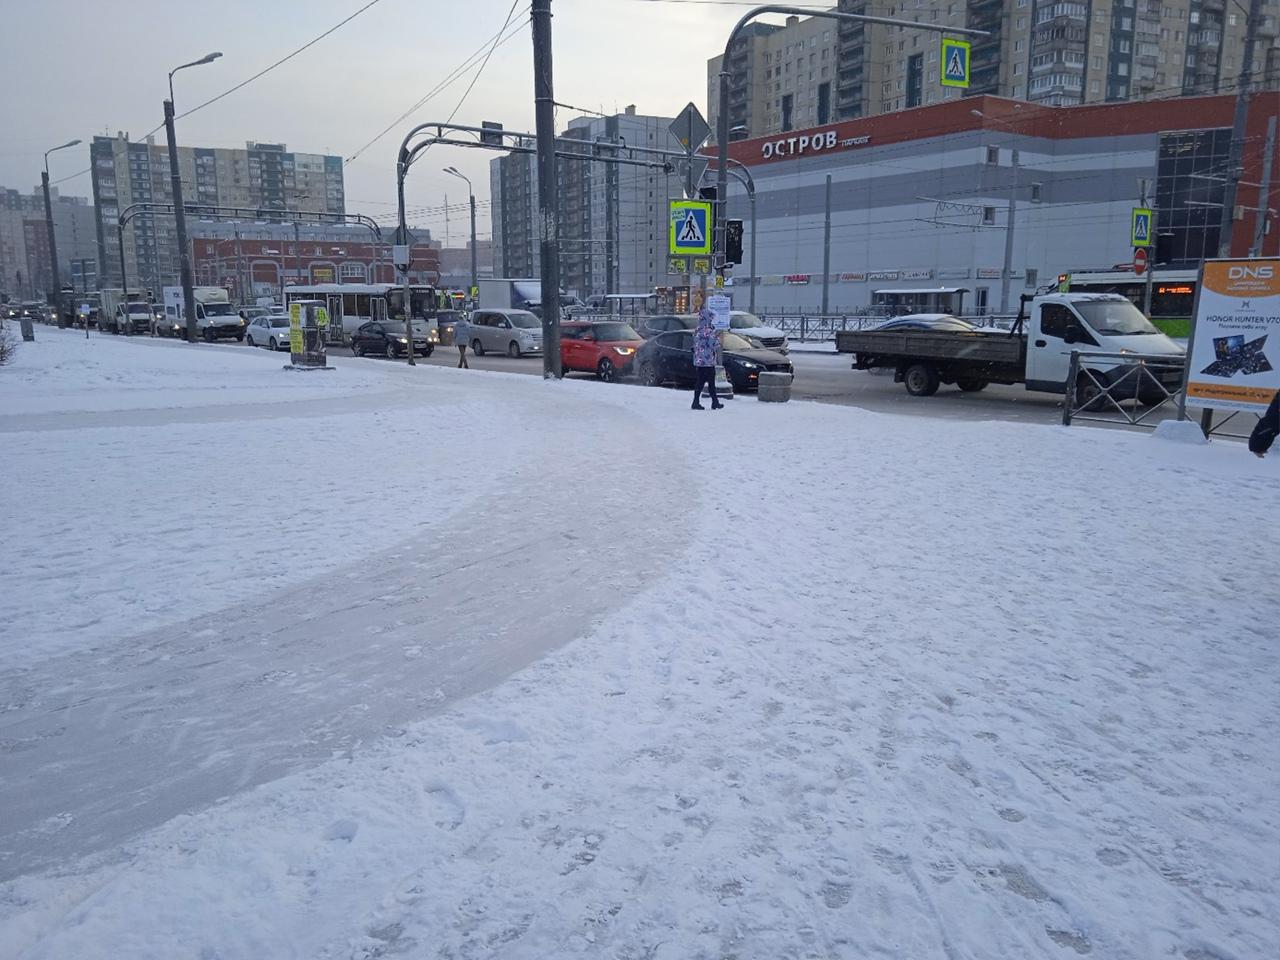 Стукнулись на проспекте Косыгина, перед пересечением проспекта Передовиков, две малолитражки. Чуть ...